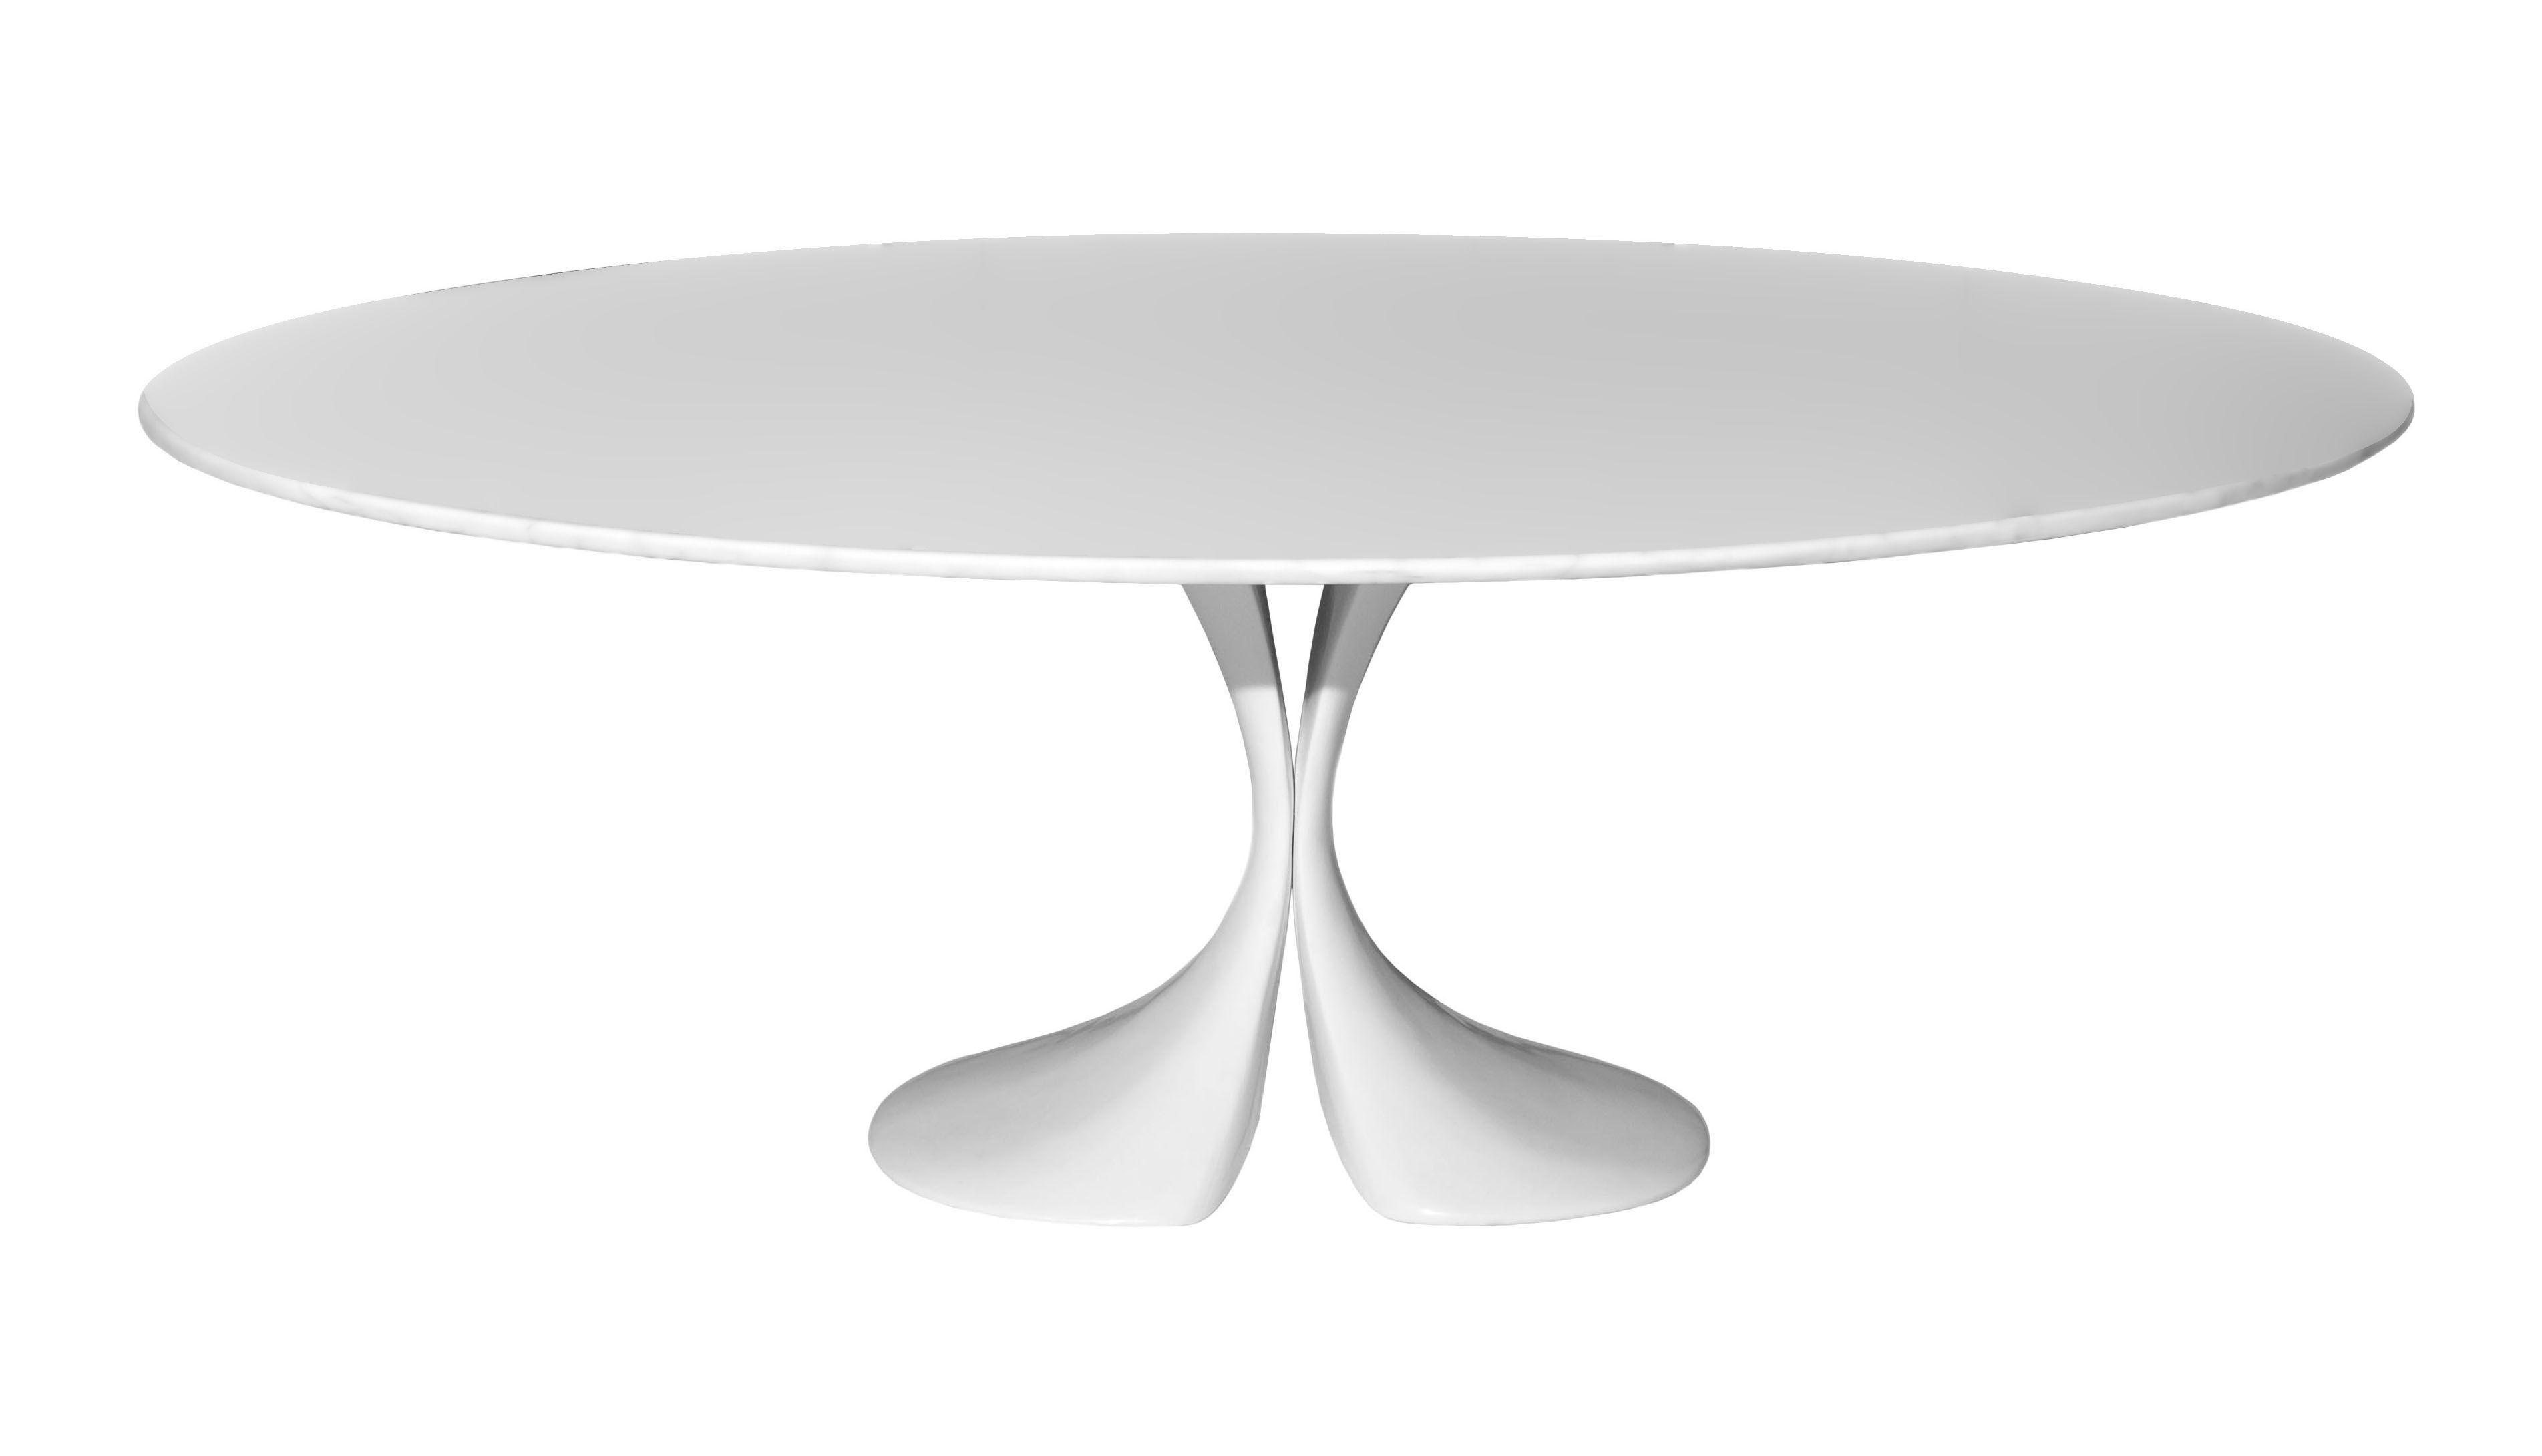 Arredamento - Tavoli - Tavolo ovale Didymos - 180 x 126 cm - Piano in Cristalplant di Driade - Piano in Cristalplant bianco - Cristalplant